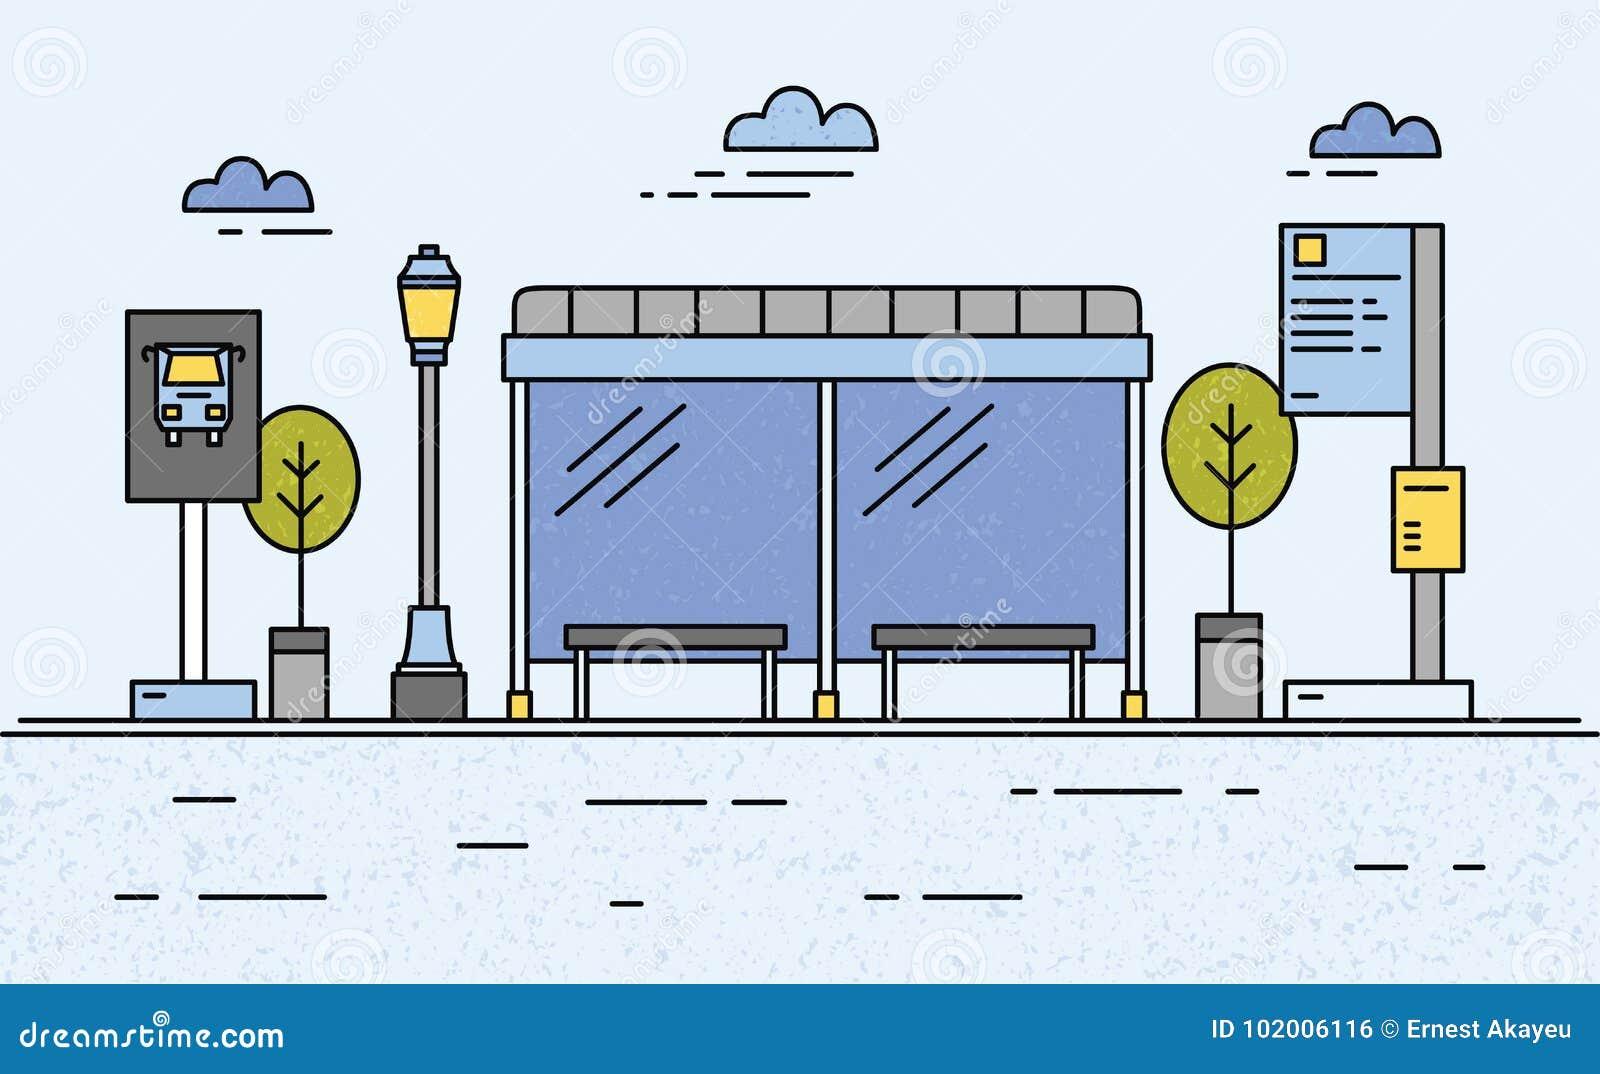 Autobusowa przerwa, latarnia uliczna, transportu publicznego rozkład zajęć i informacja dla pasażerów,